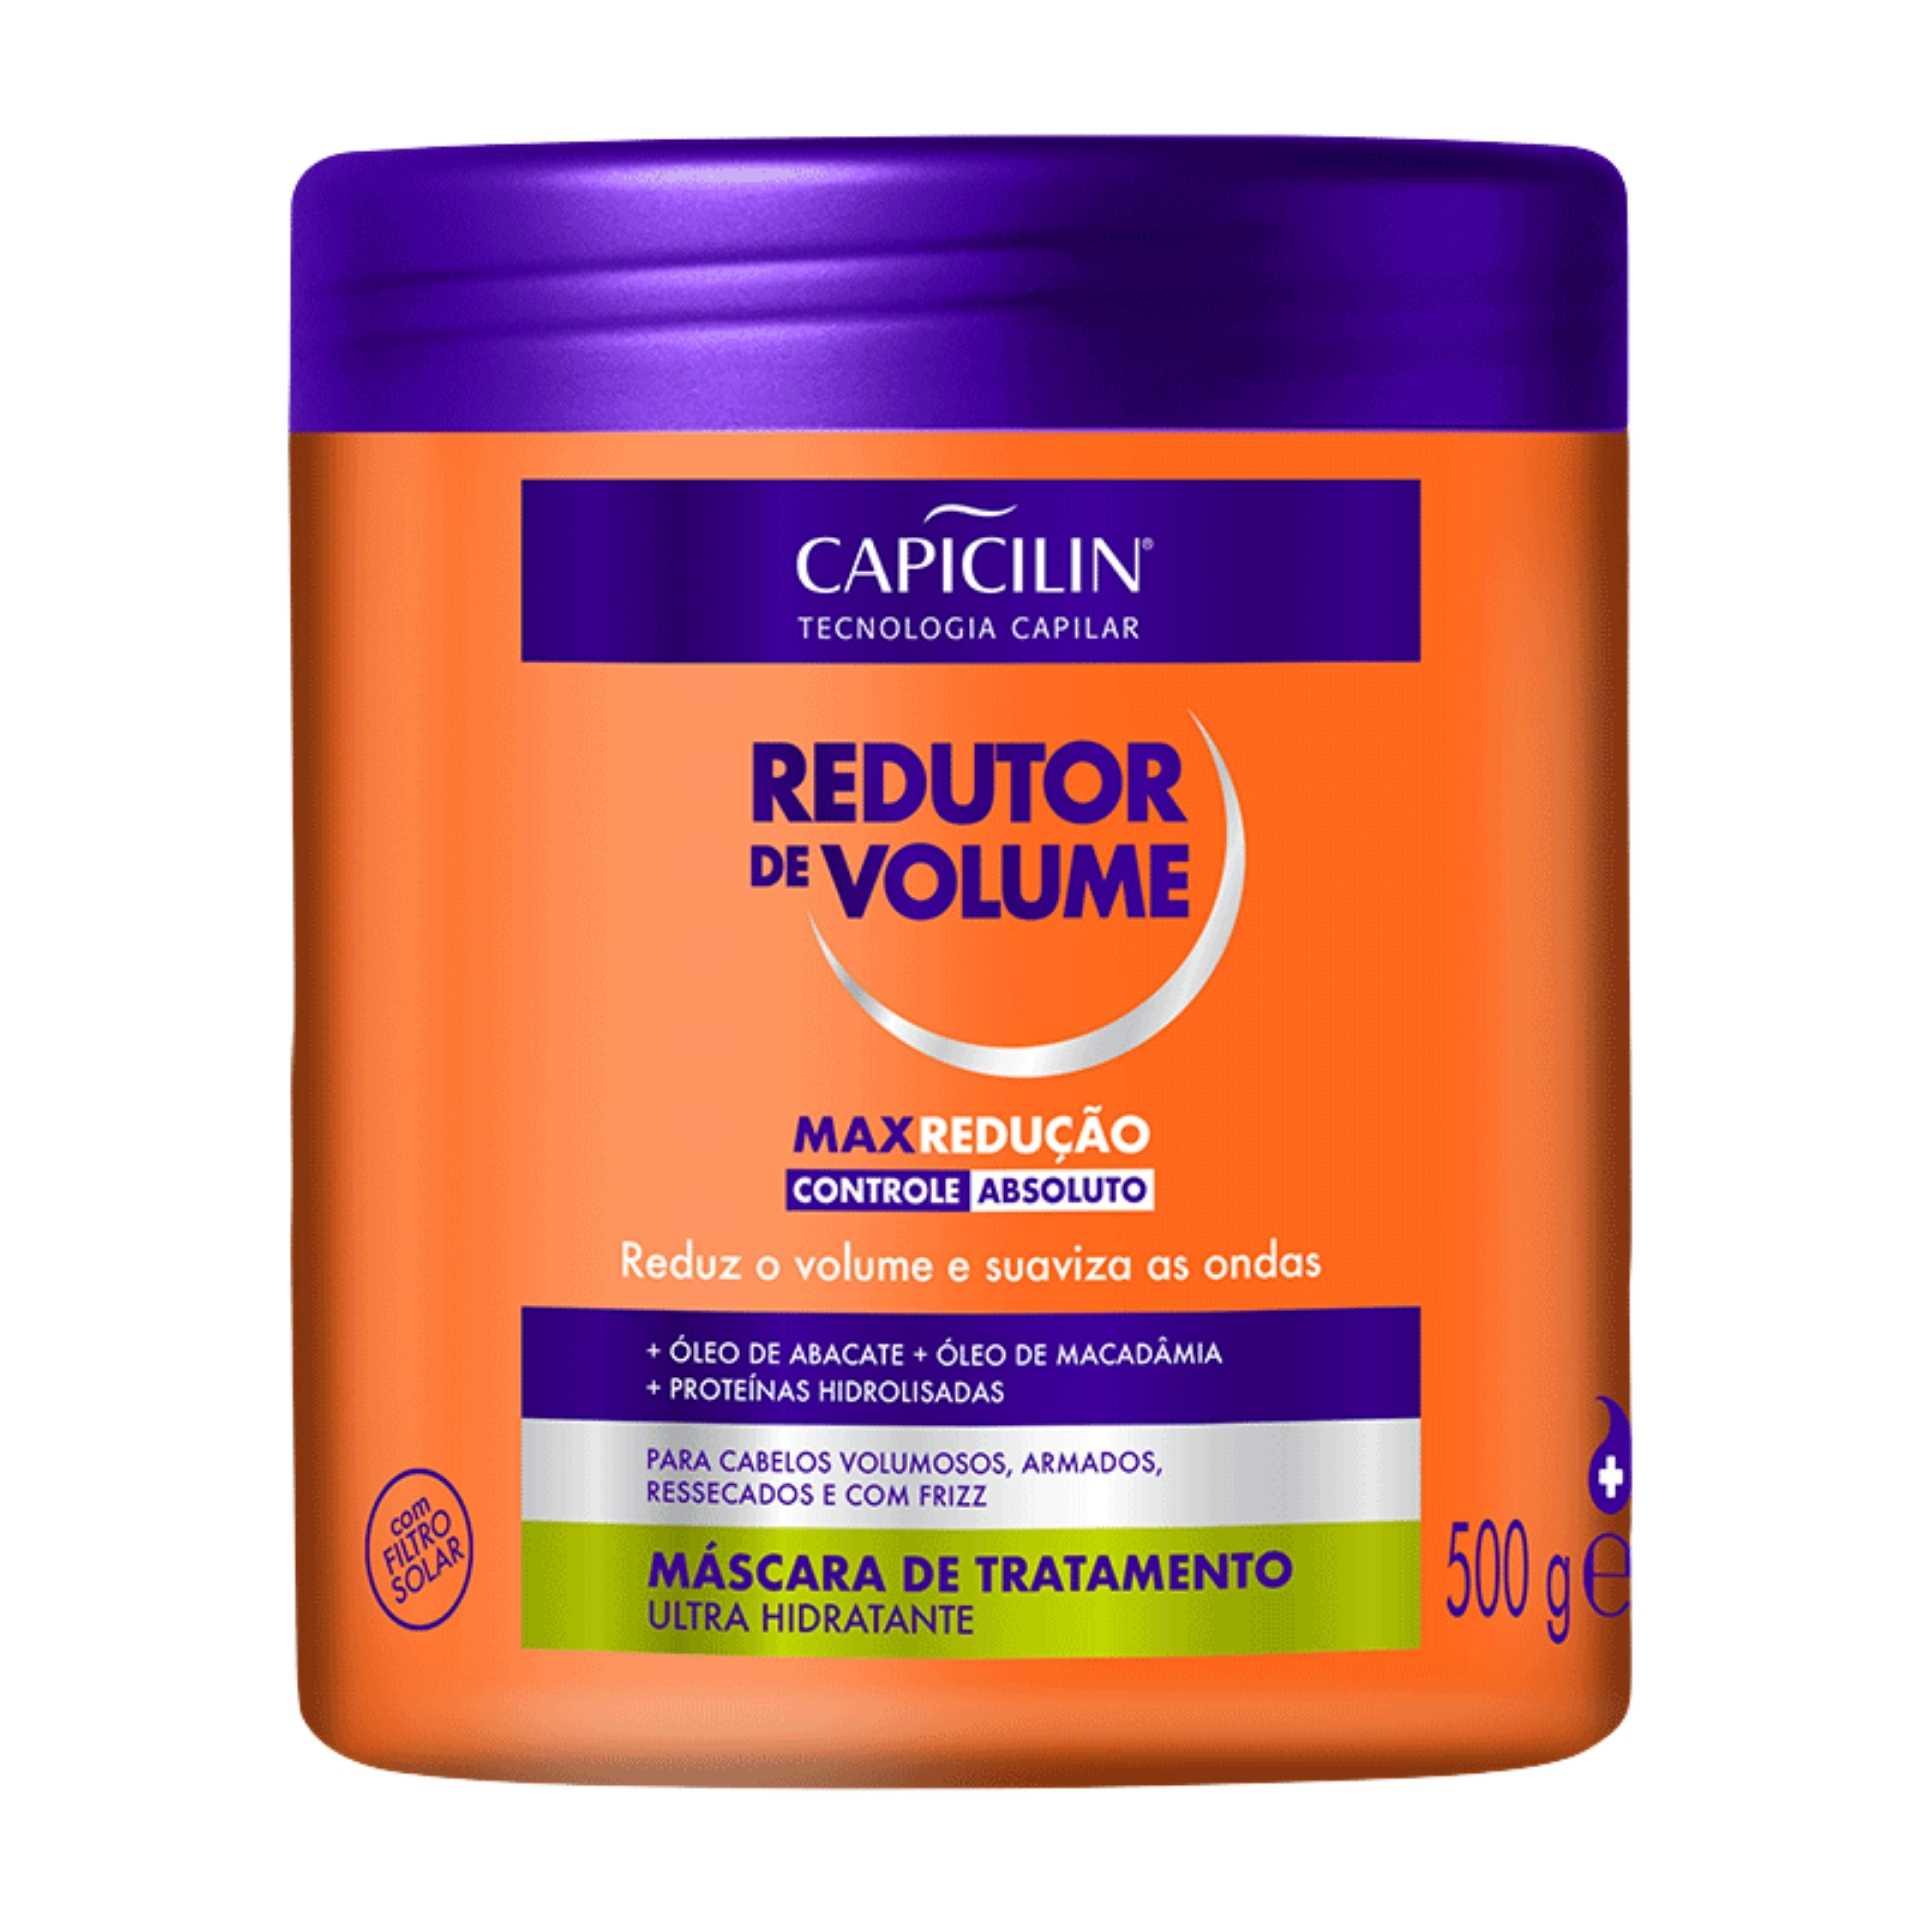 Capicilin - REDUTOR DE VOLUME - Máscara 500g